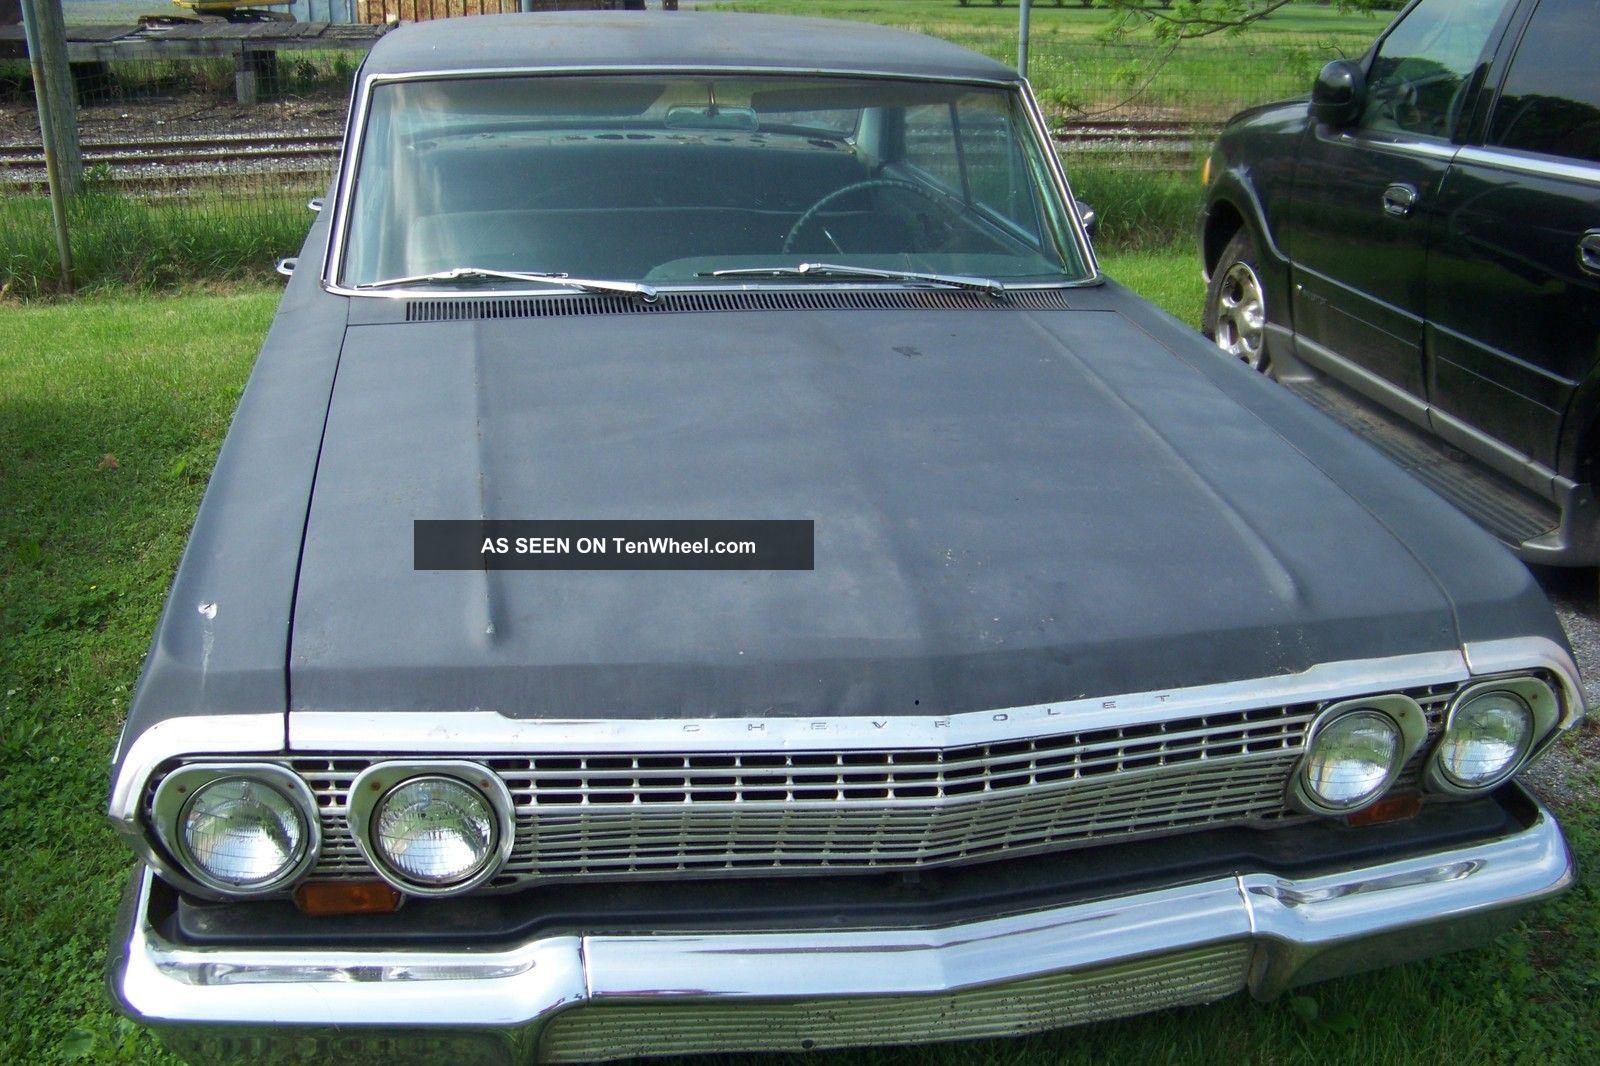 1963 Chevy Impala 4 Door Sport Sedan Impala photo